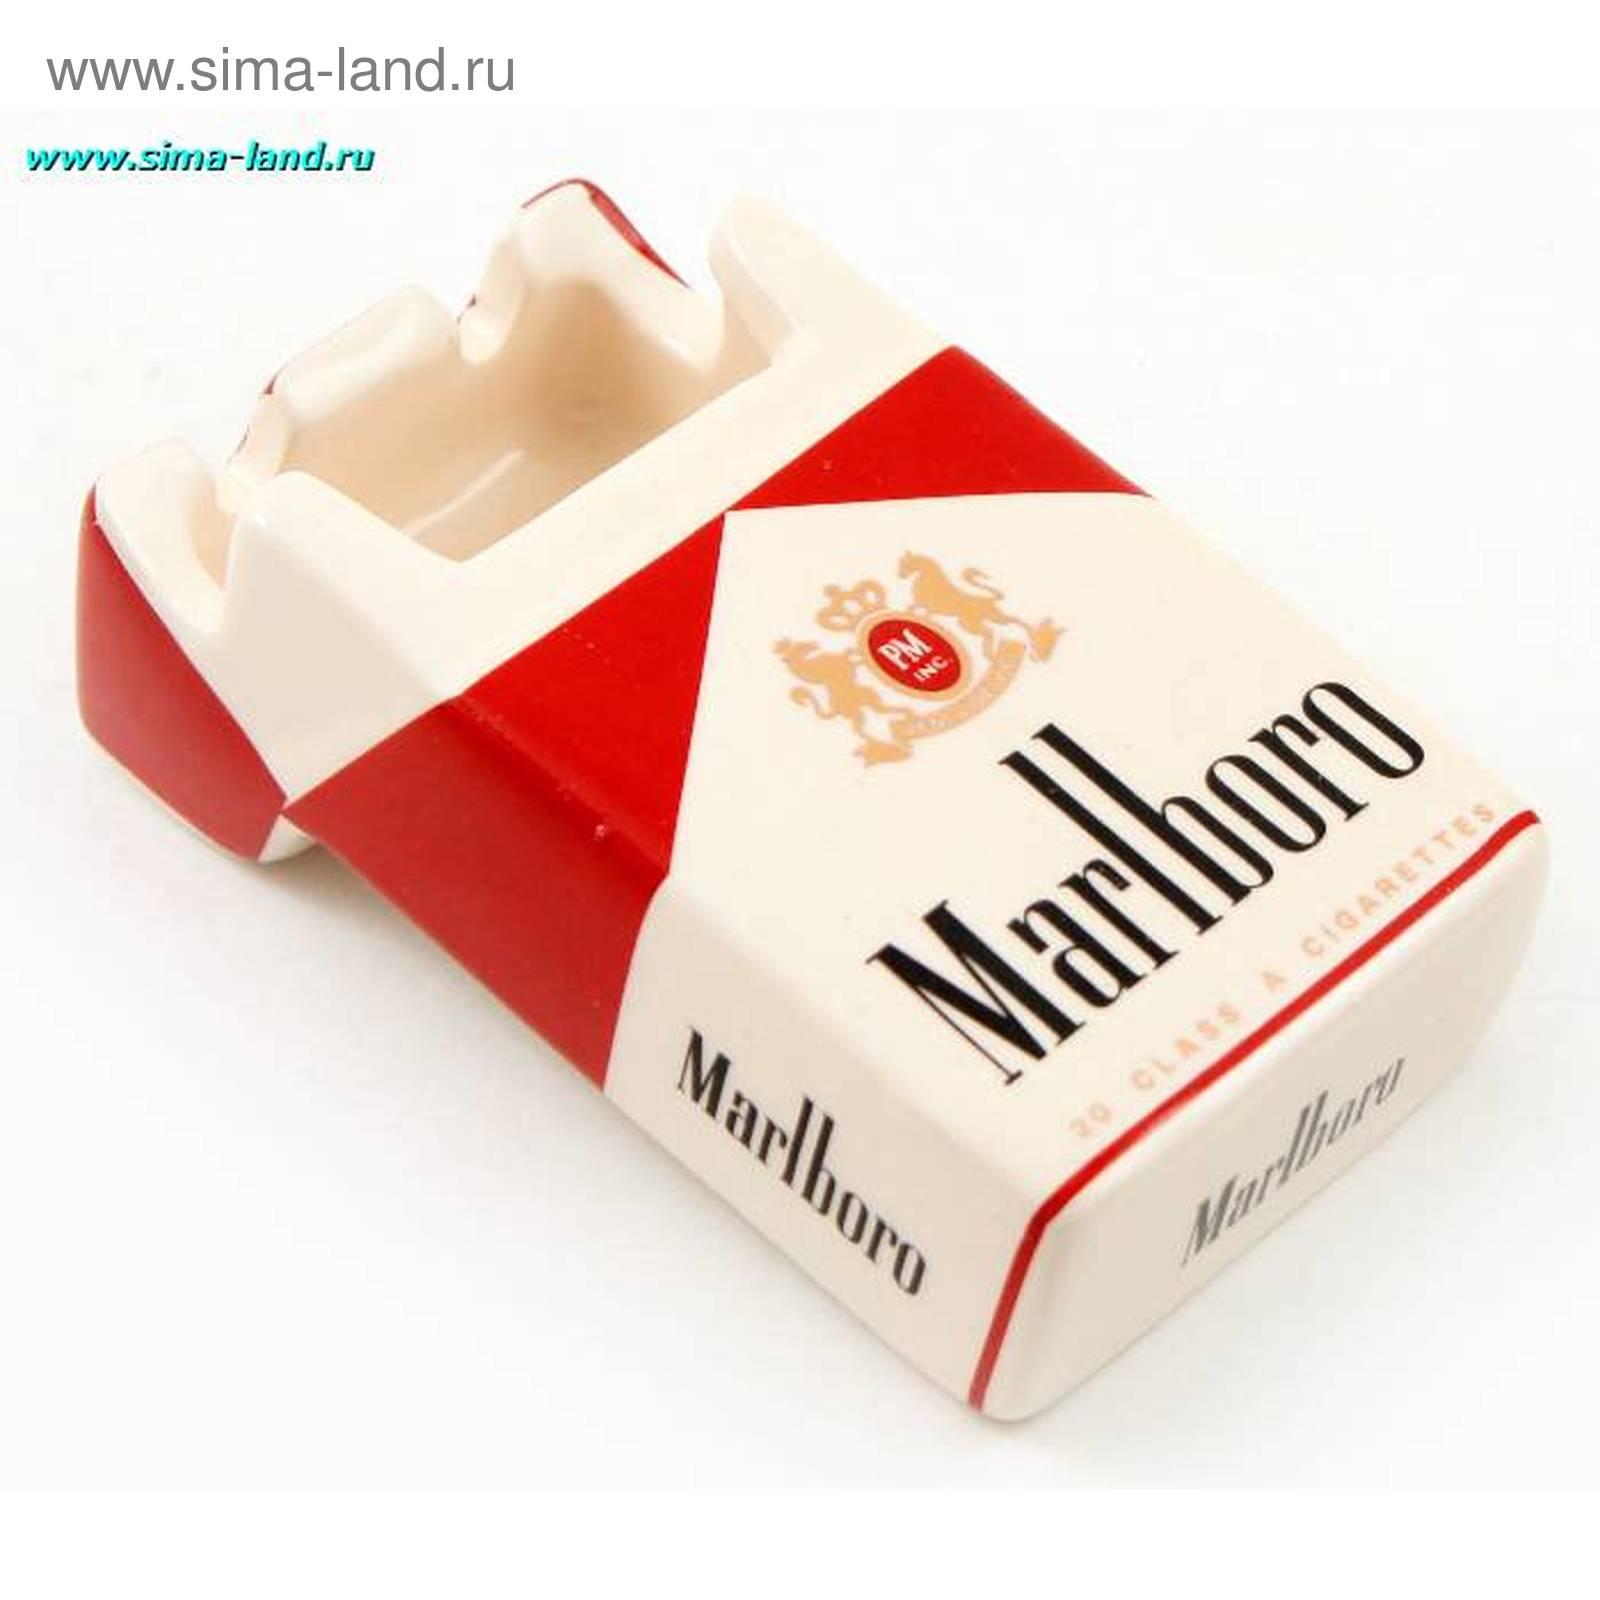 Пачки сигарет заказать сигареты корона оптом